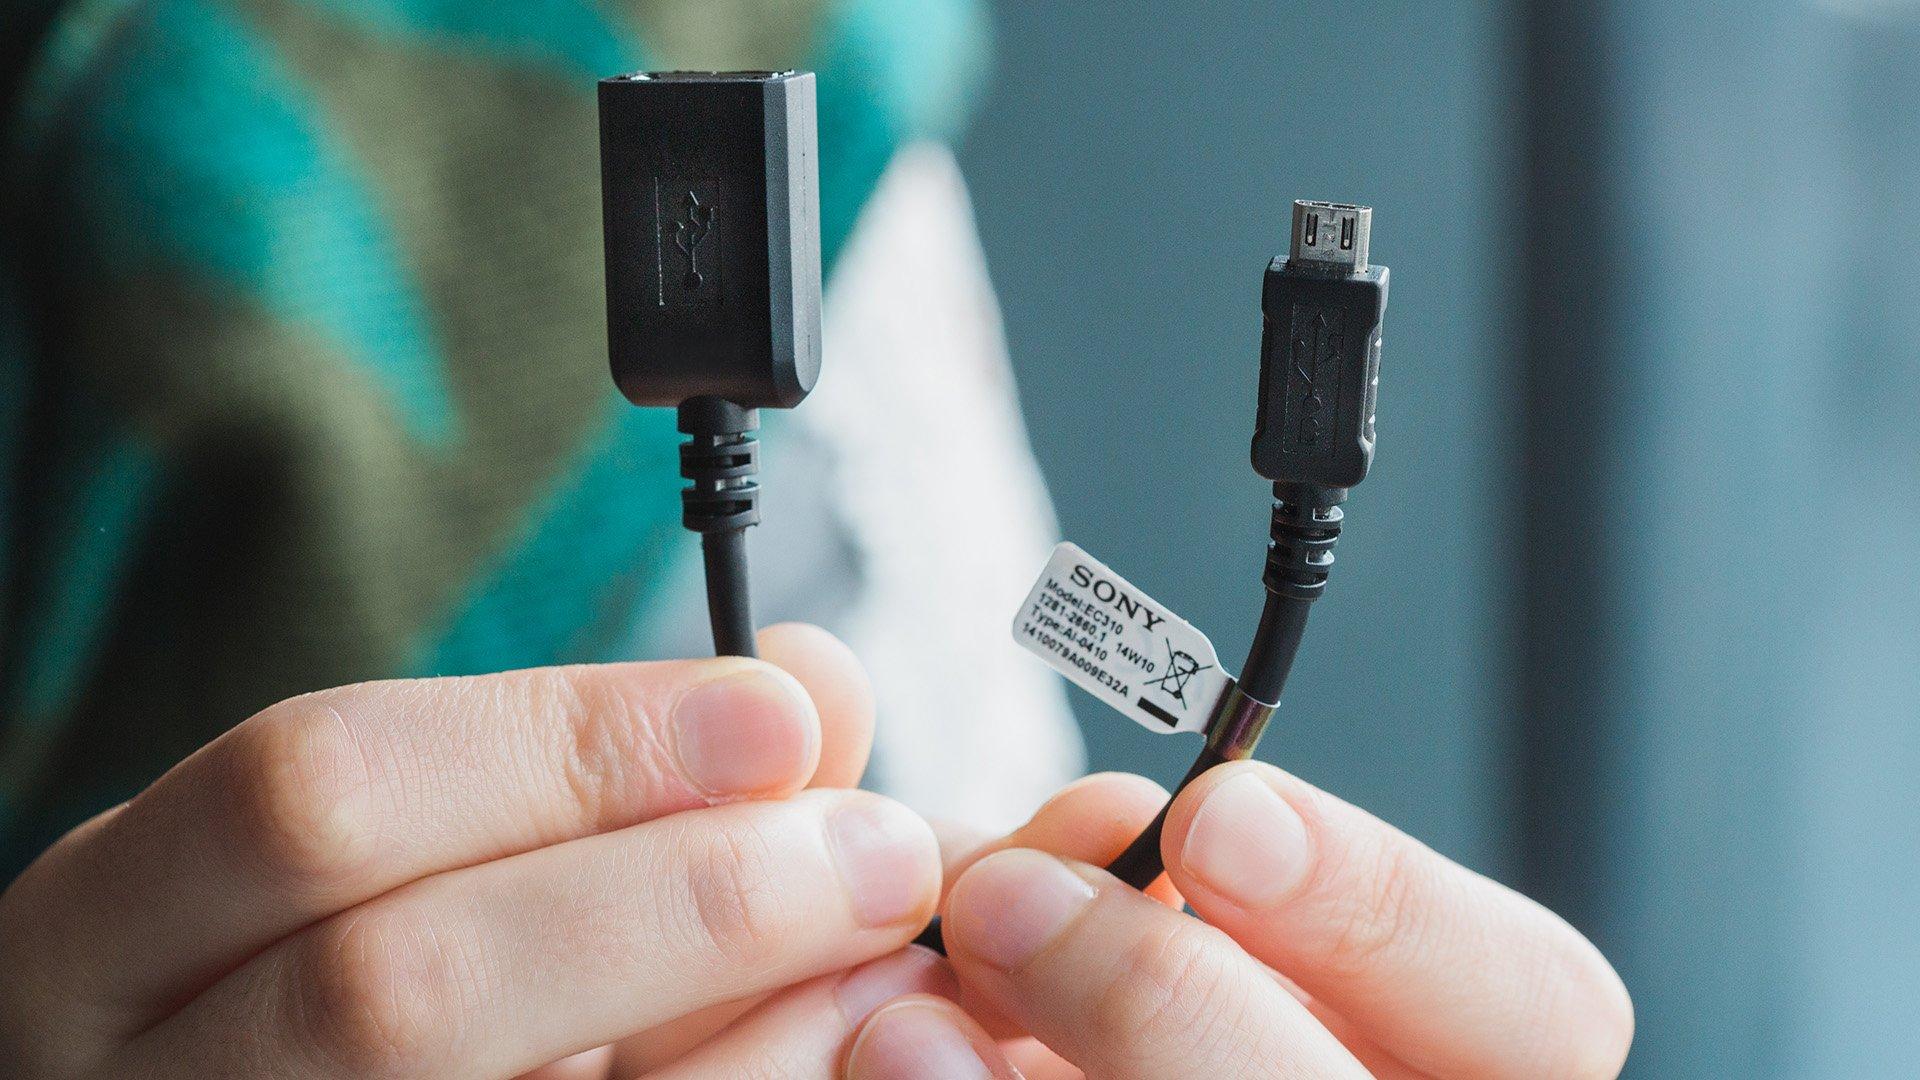 USB-OTG Checker